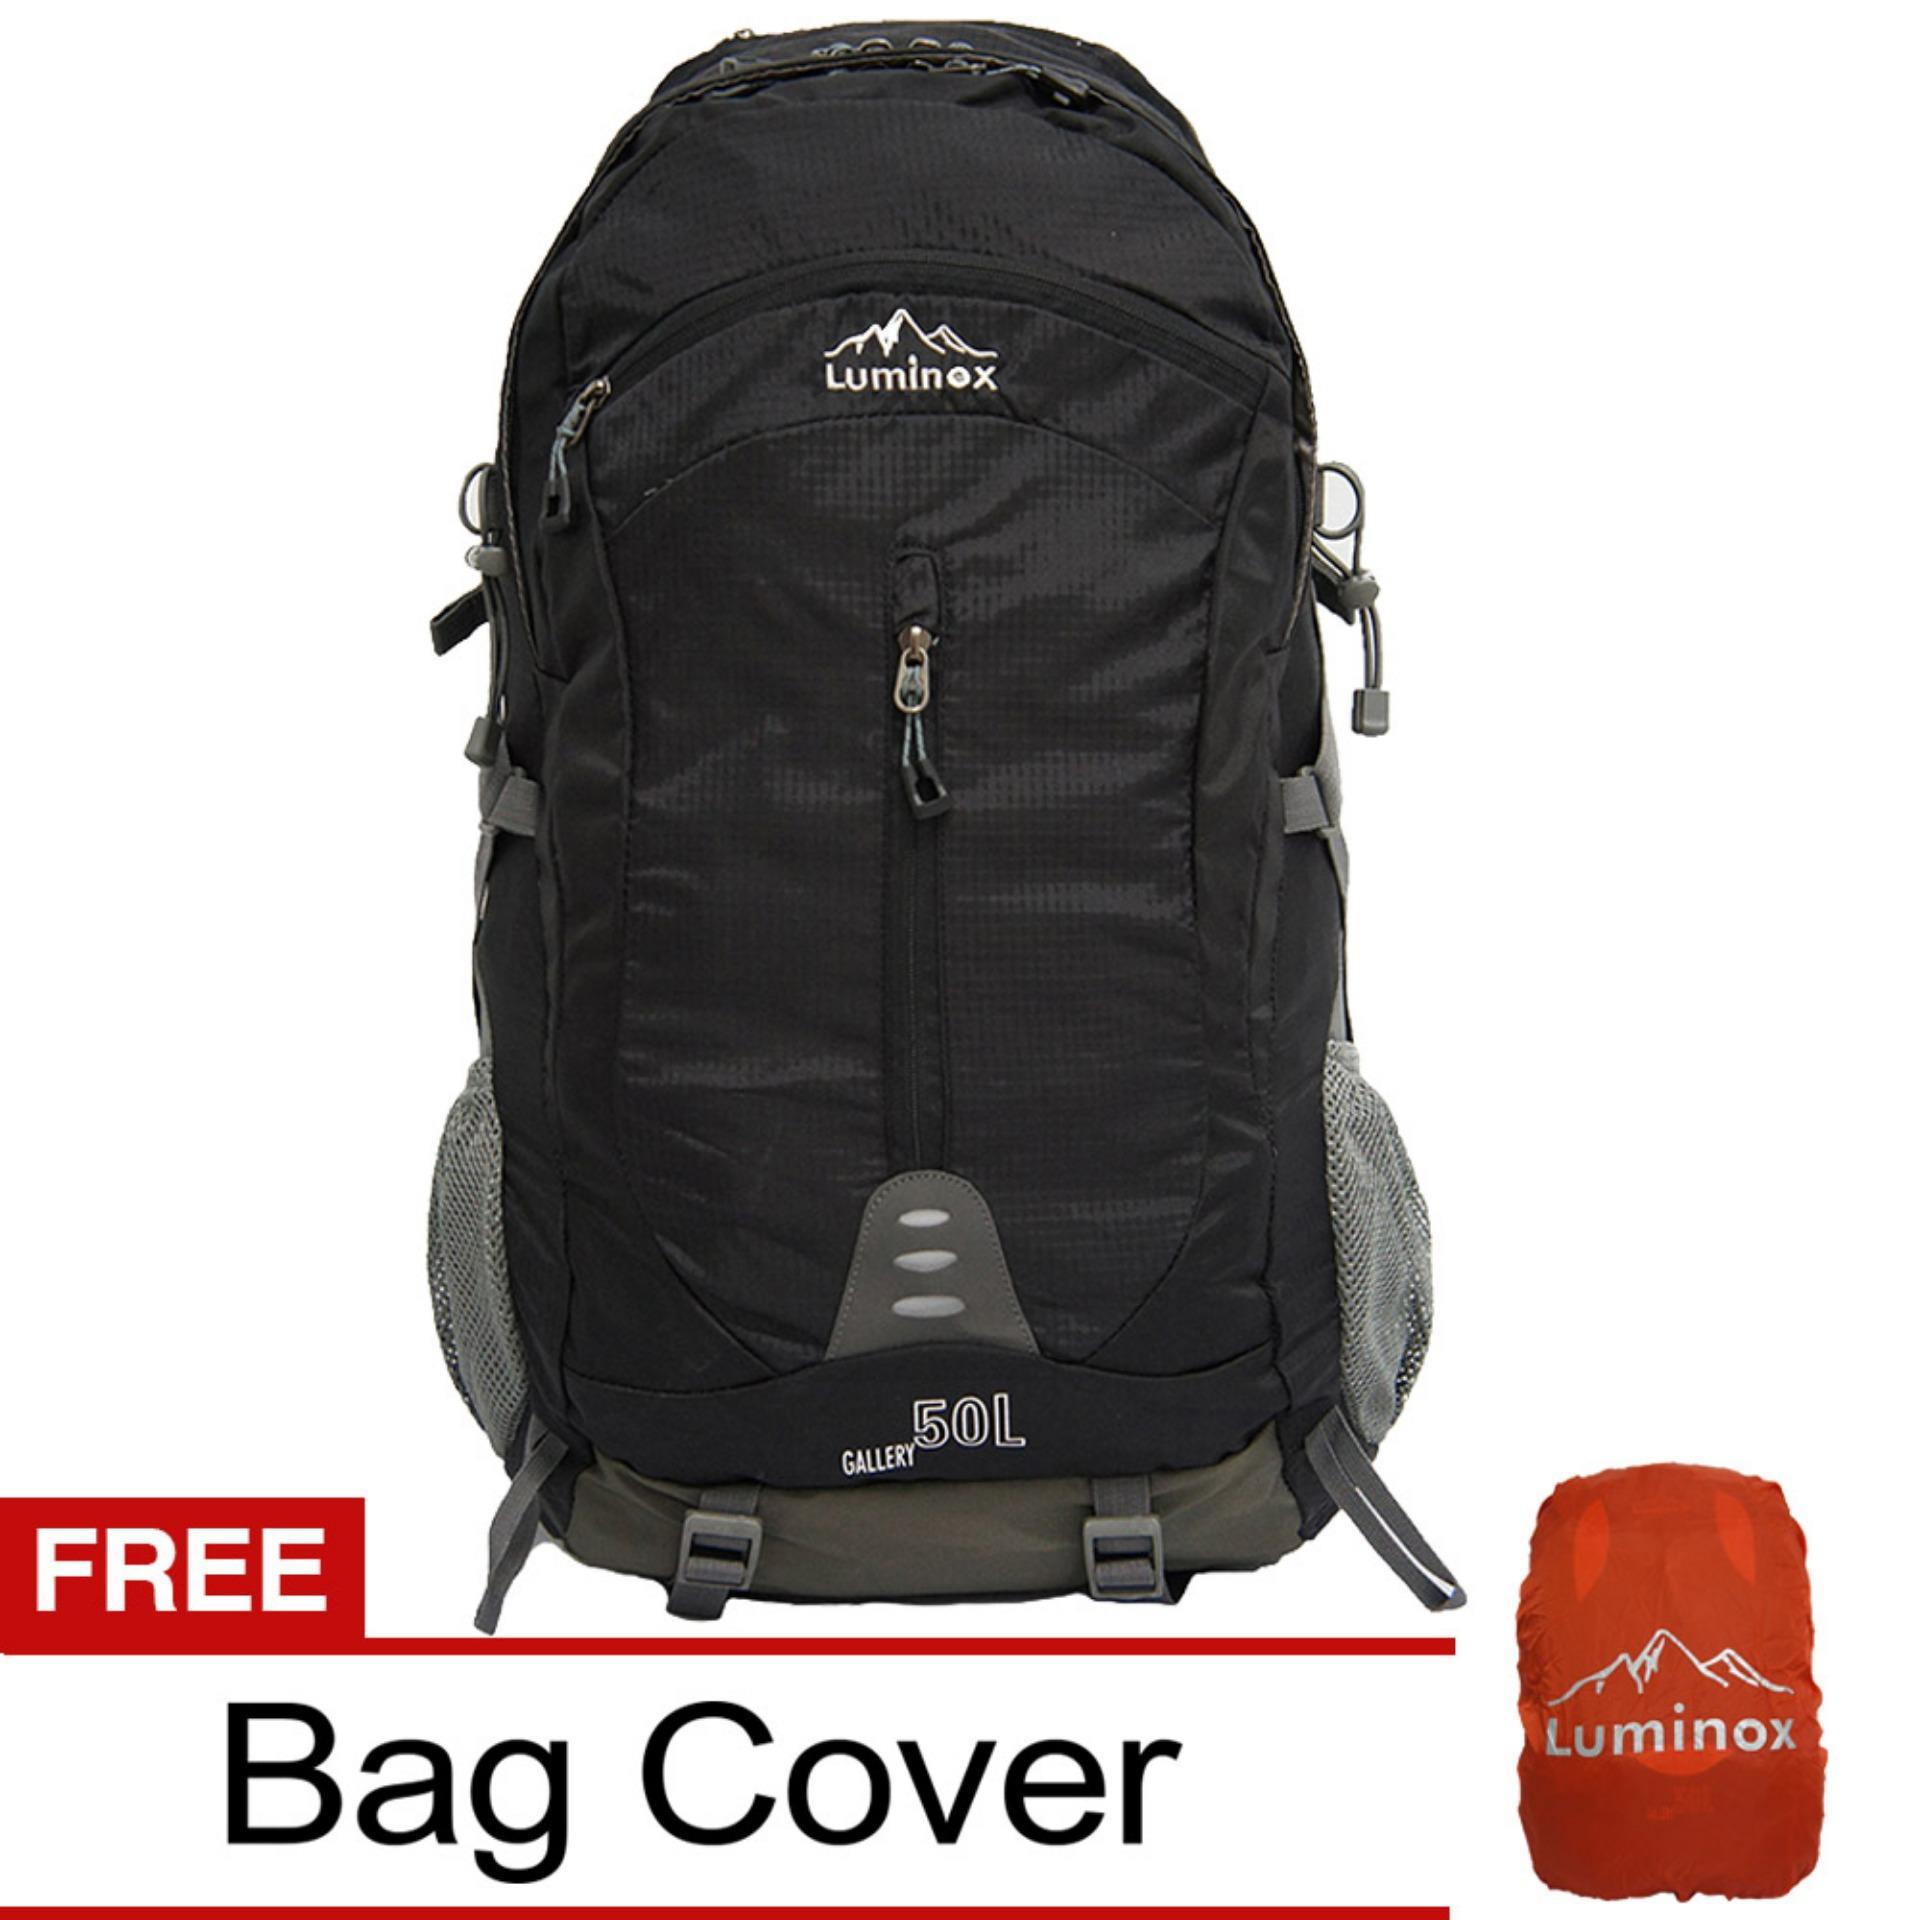 Spesifikasi Luminox Tas Hiking Backpack Ransel Travel Outdoor Carrier 5029 50 Liter Gratis Rain Cover Hitam Hk Luminox